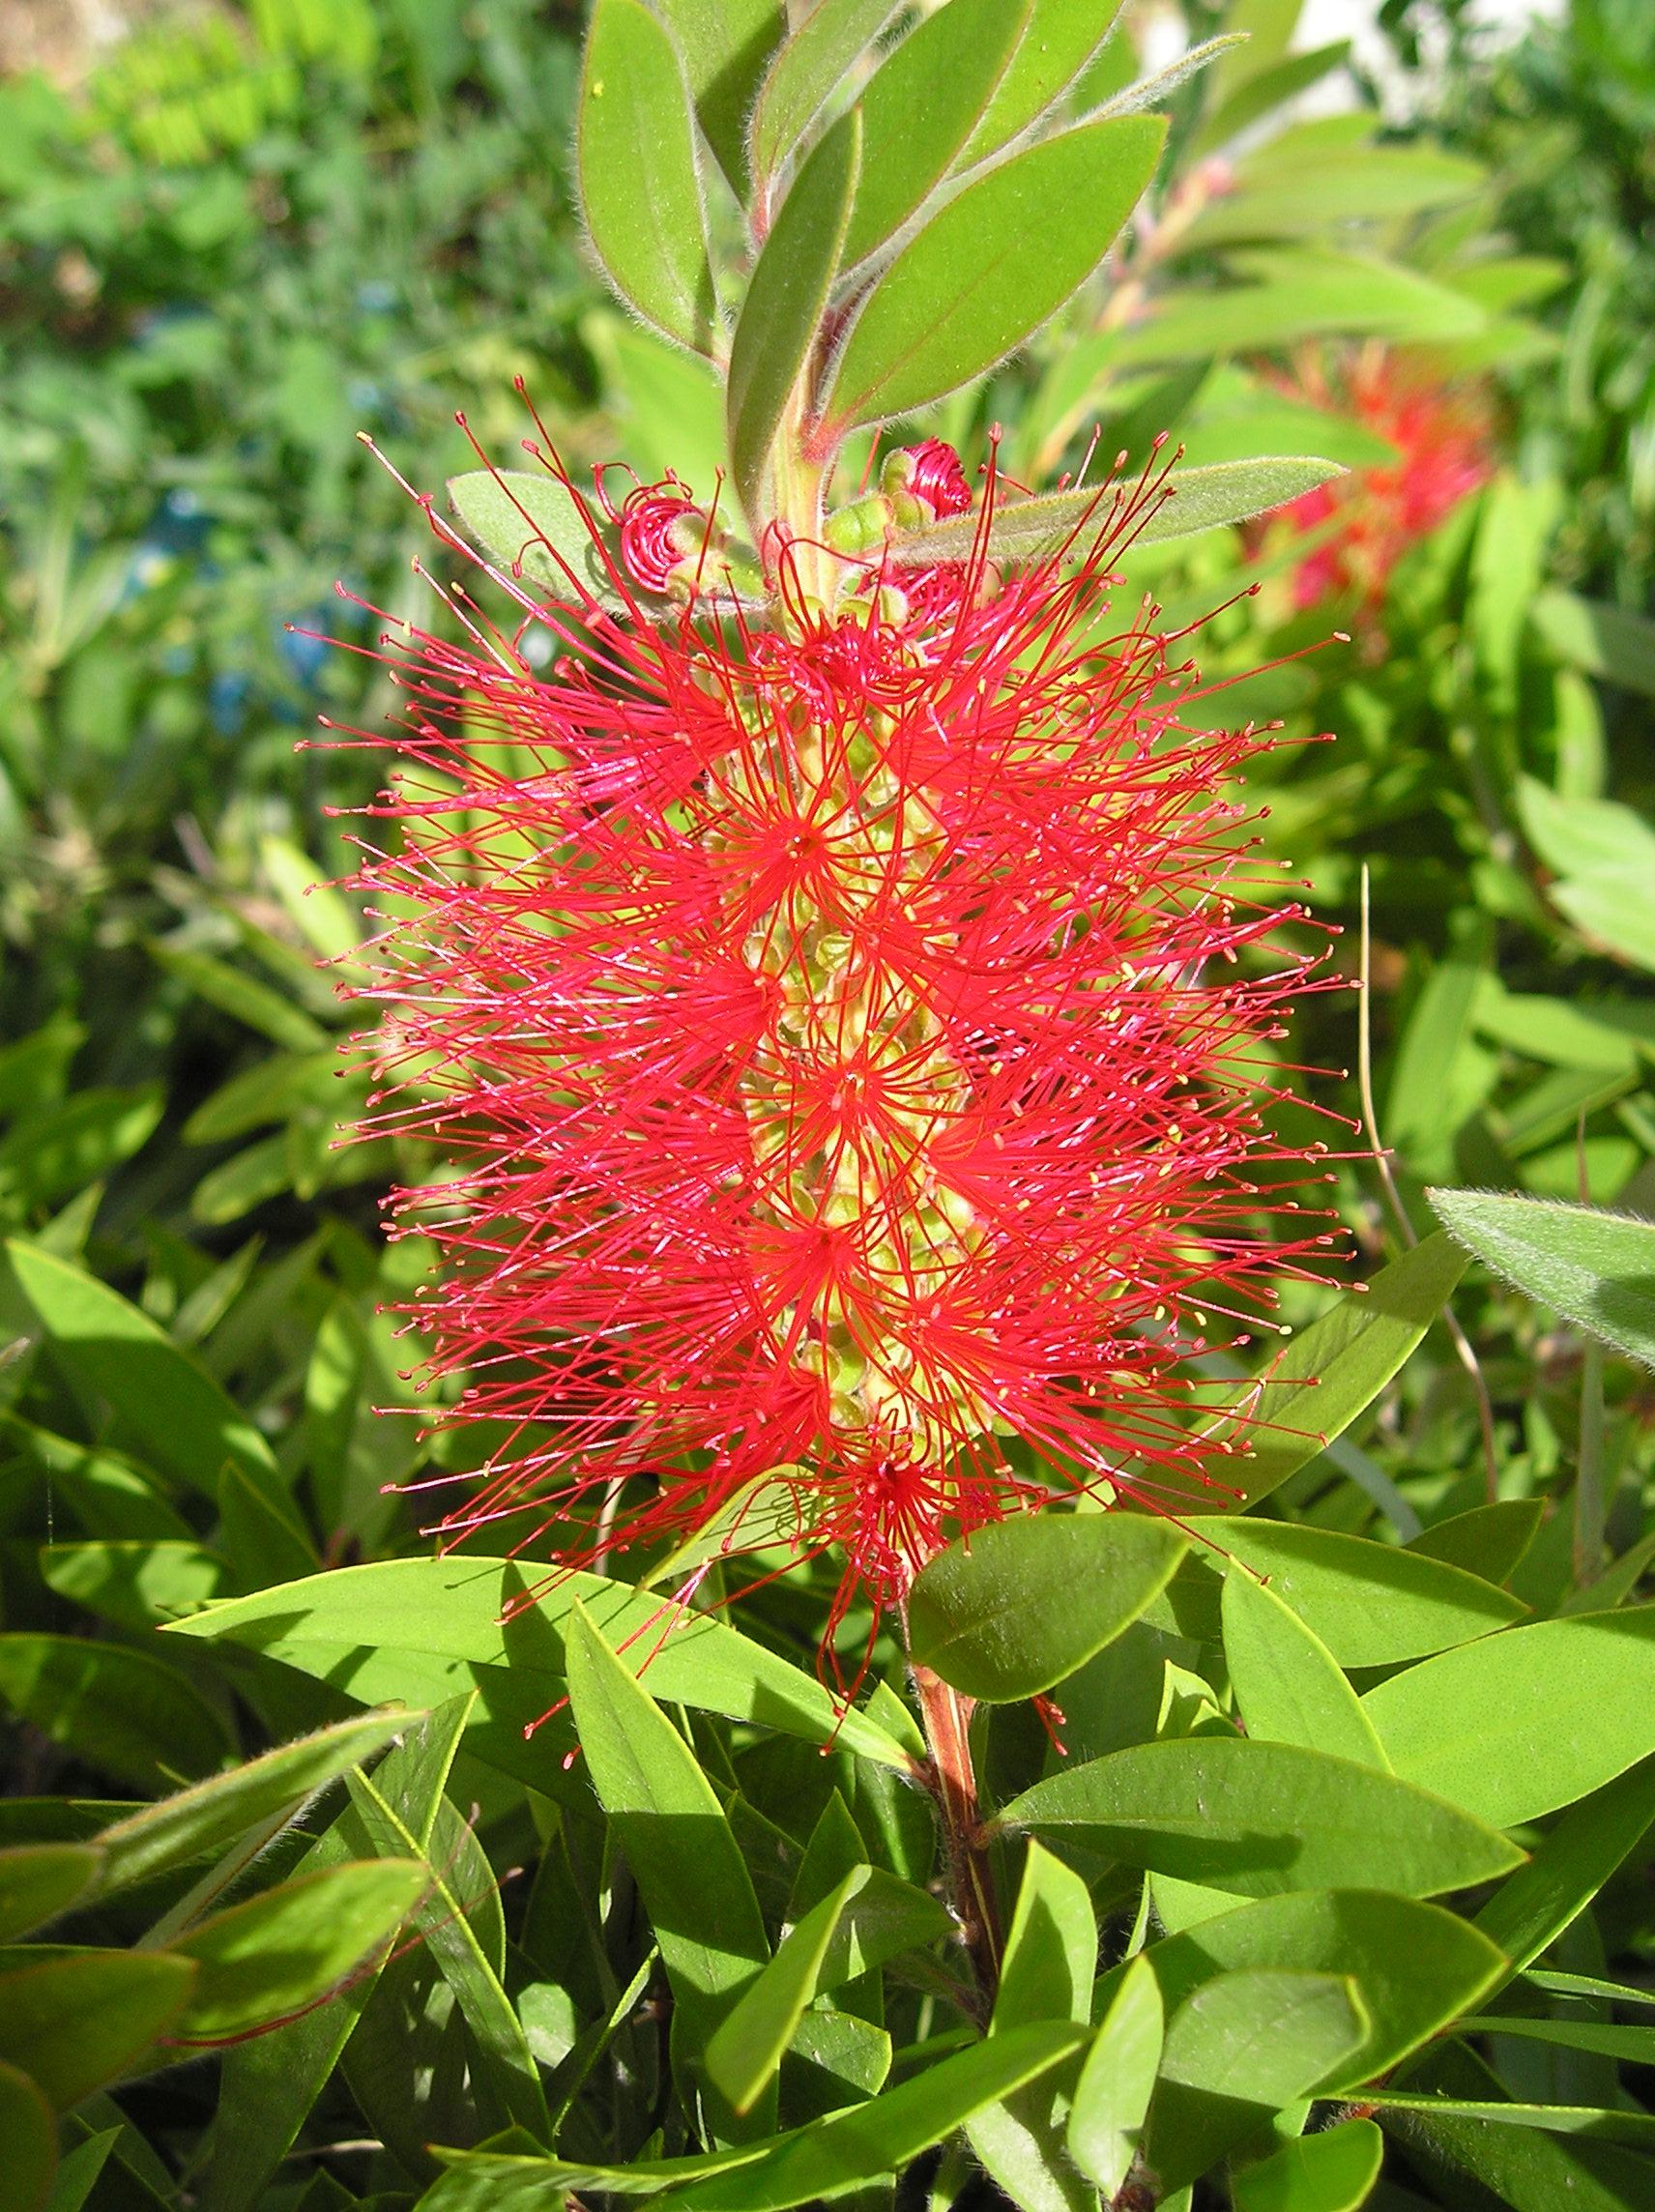 Bottlebrush fiore del cambiamento e rafforzamento